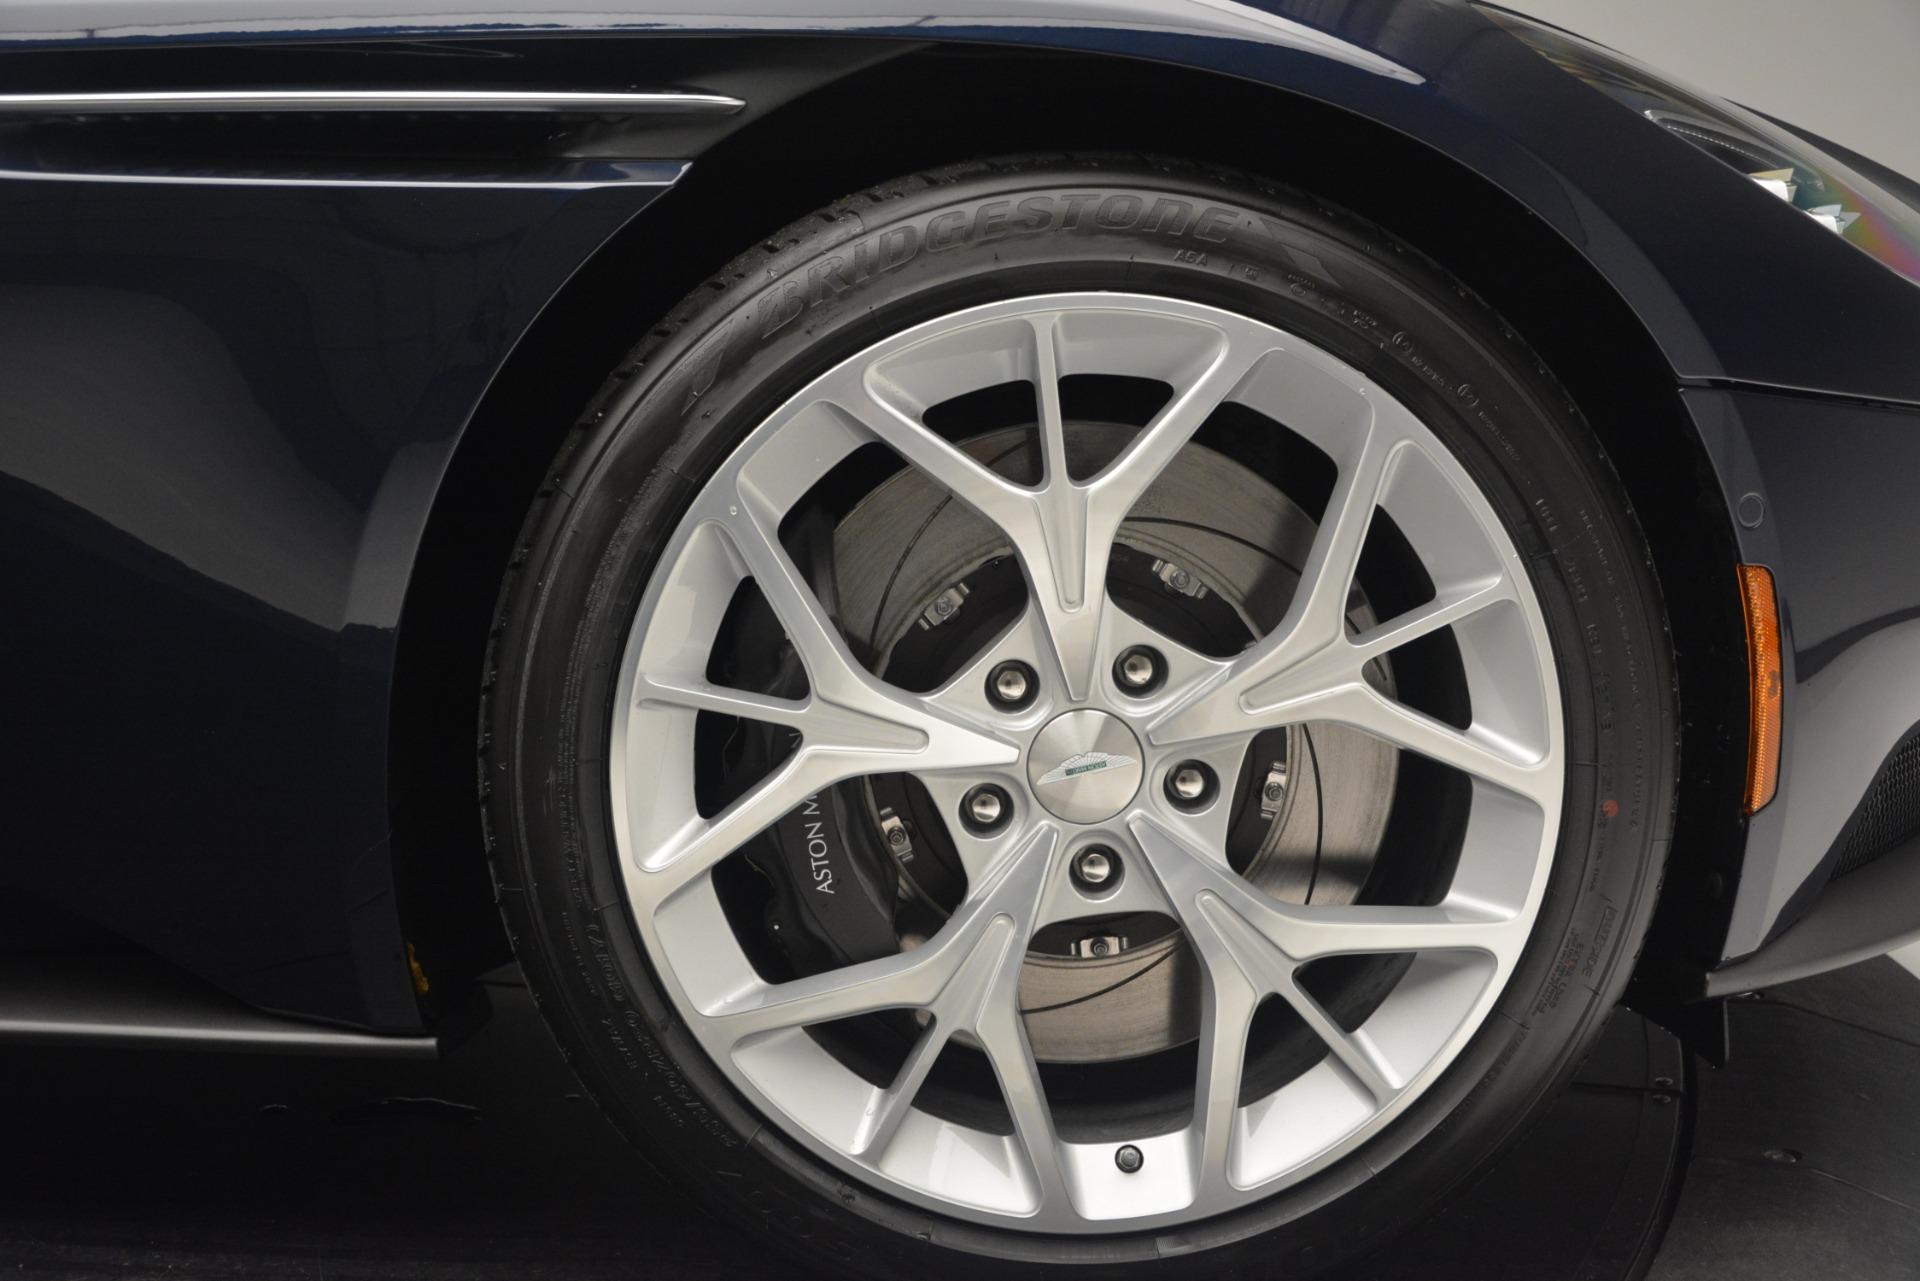 New 2019 Aston Martin DB11 Volante Volante For Sale In Greenwich, CT 2594_p30